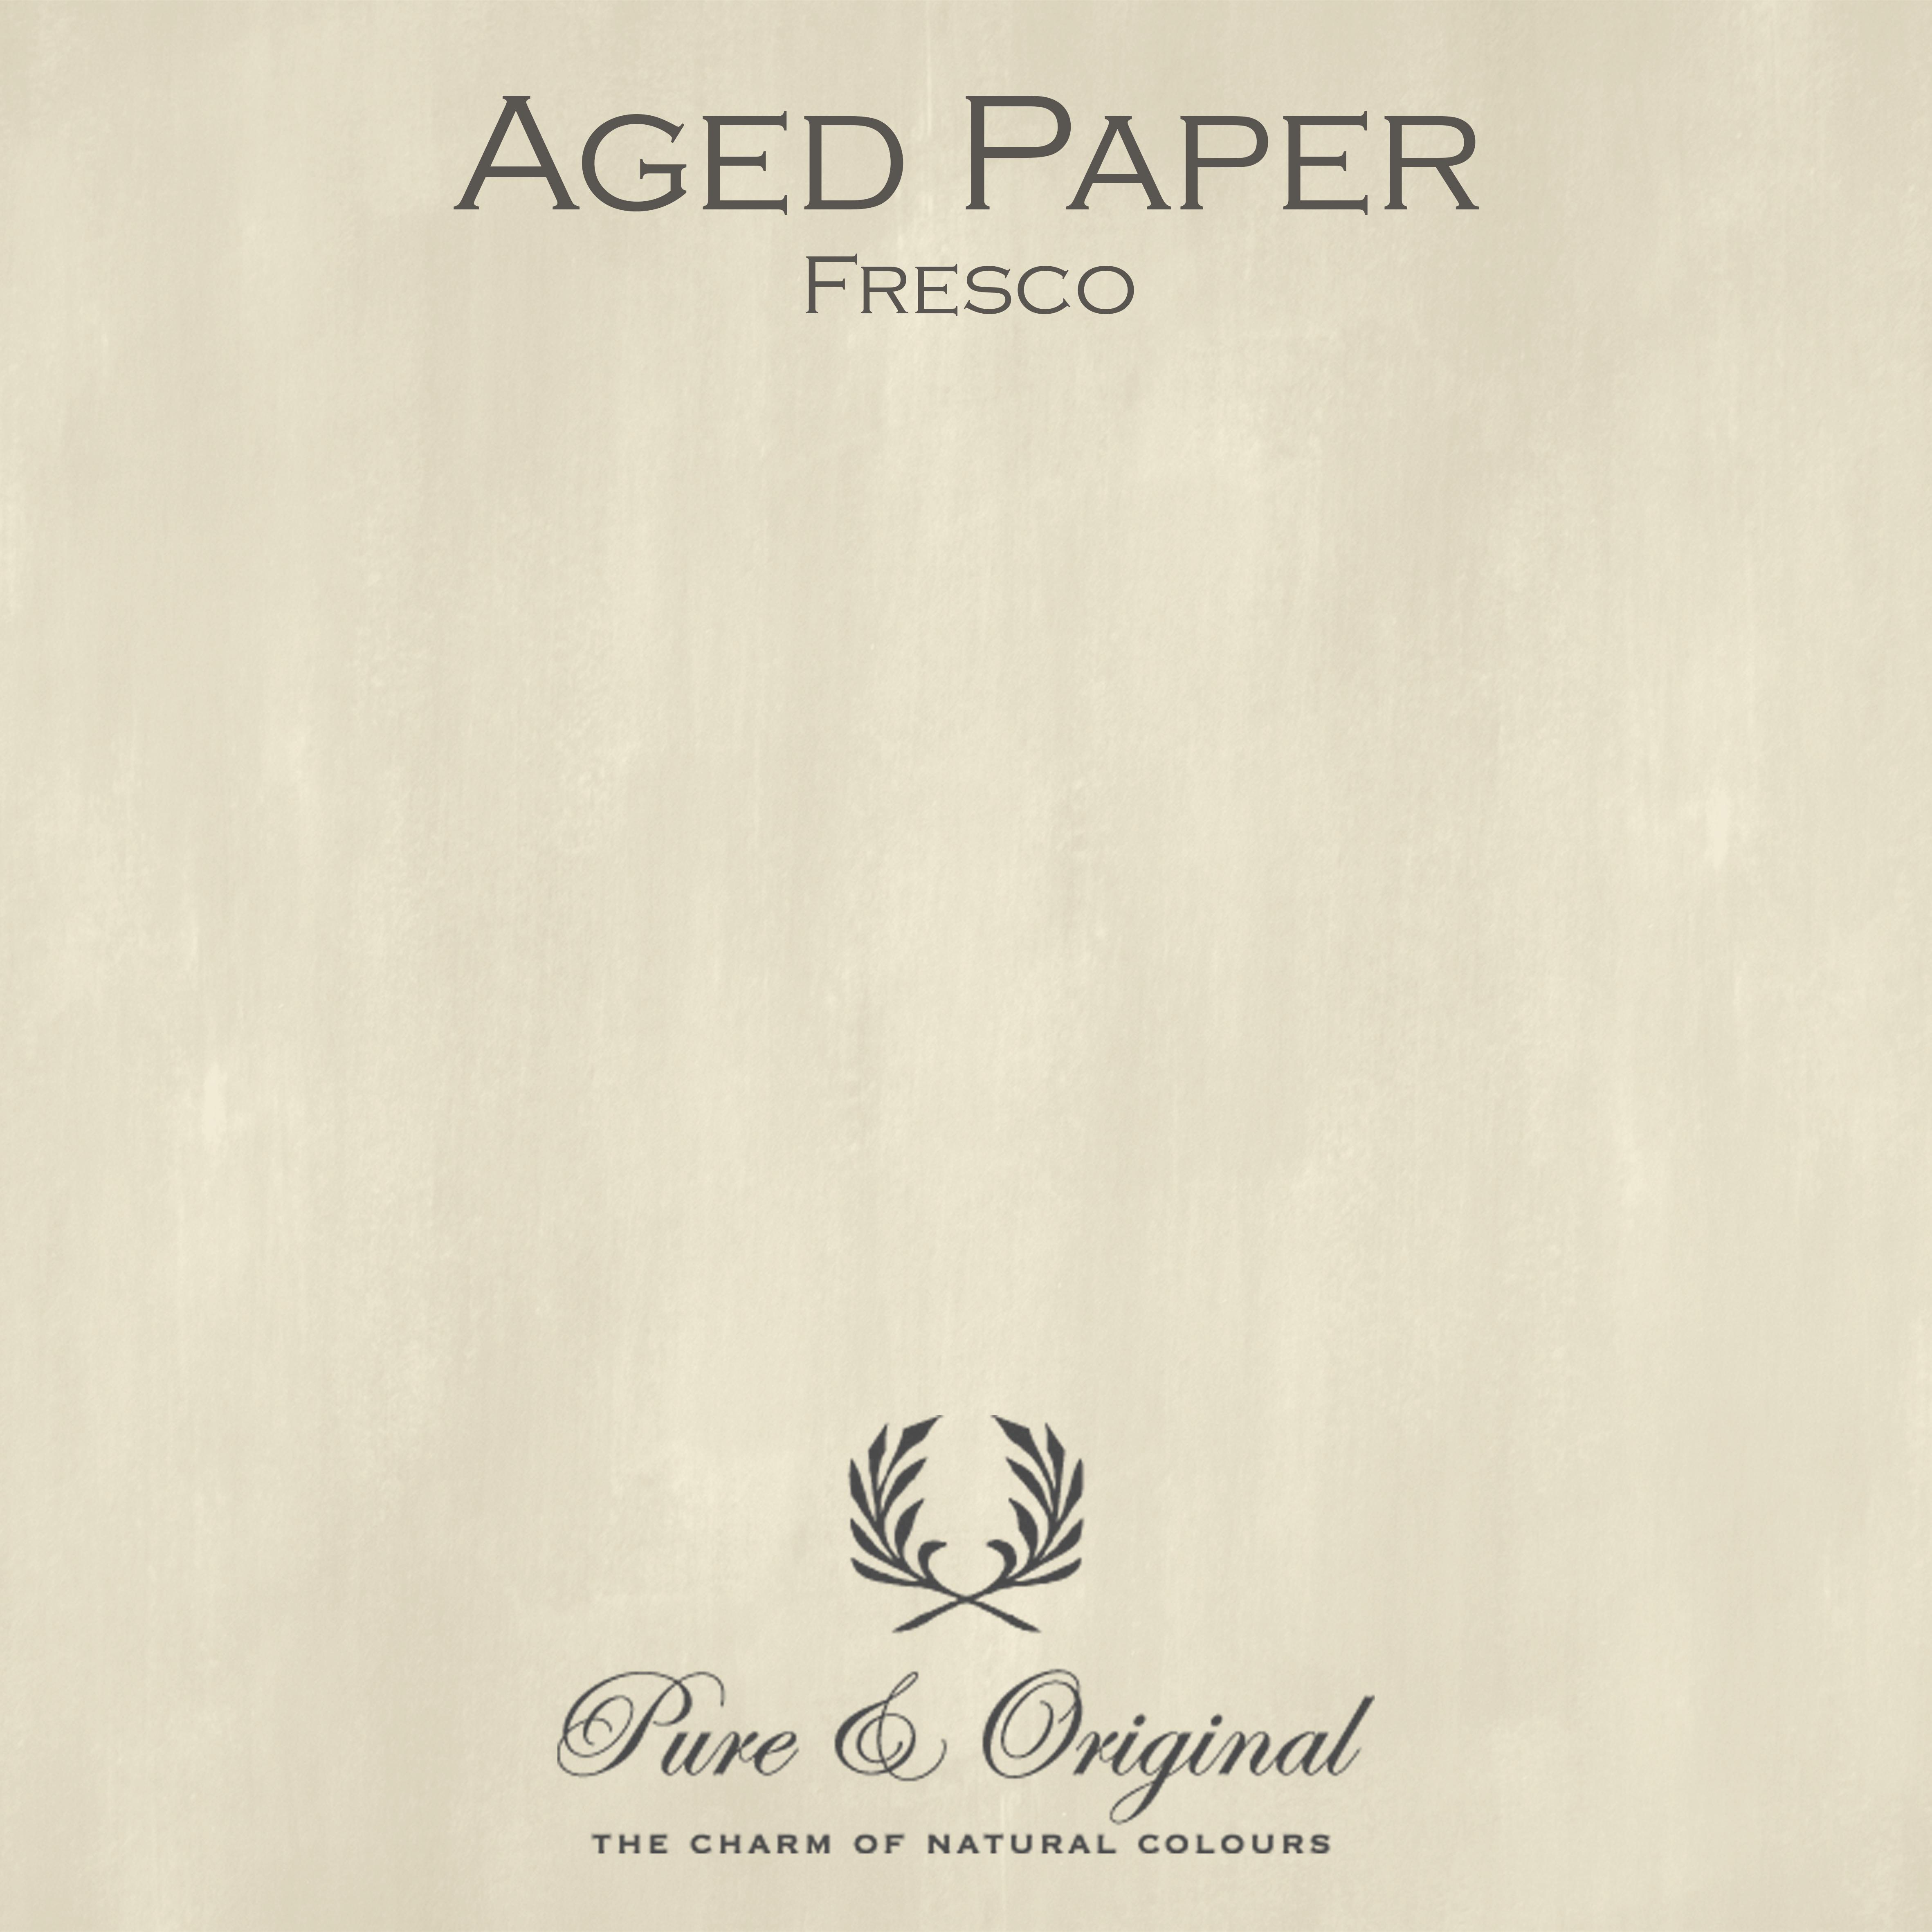 Kulör Aged Paper, Fresco kalkfärg